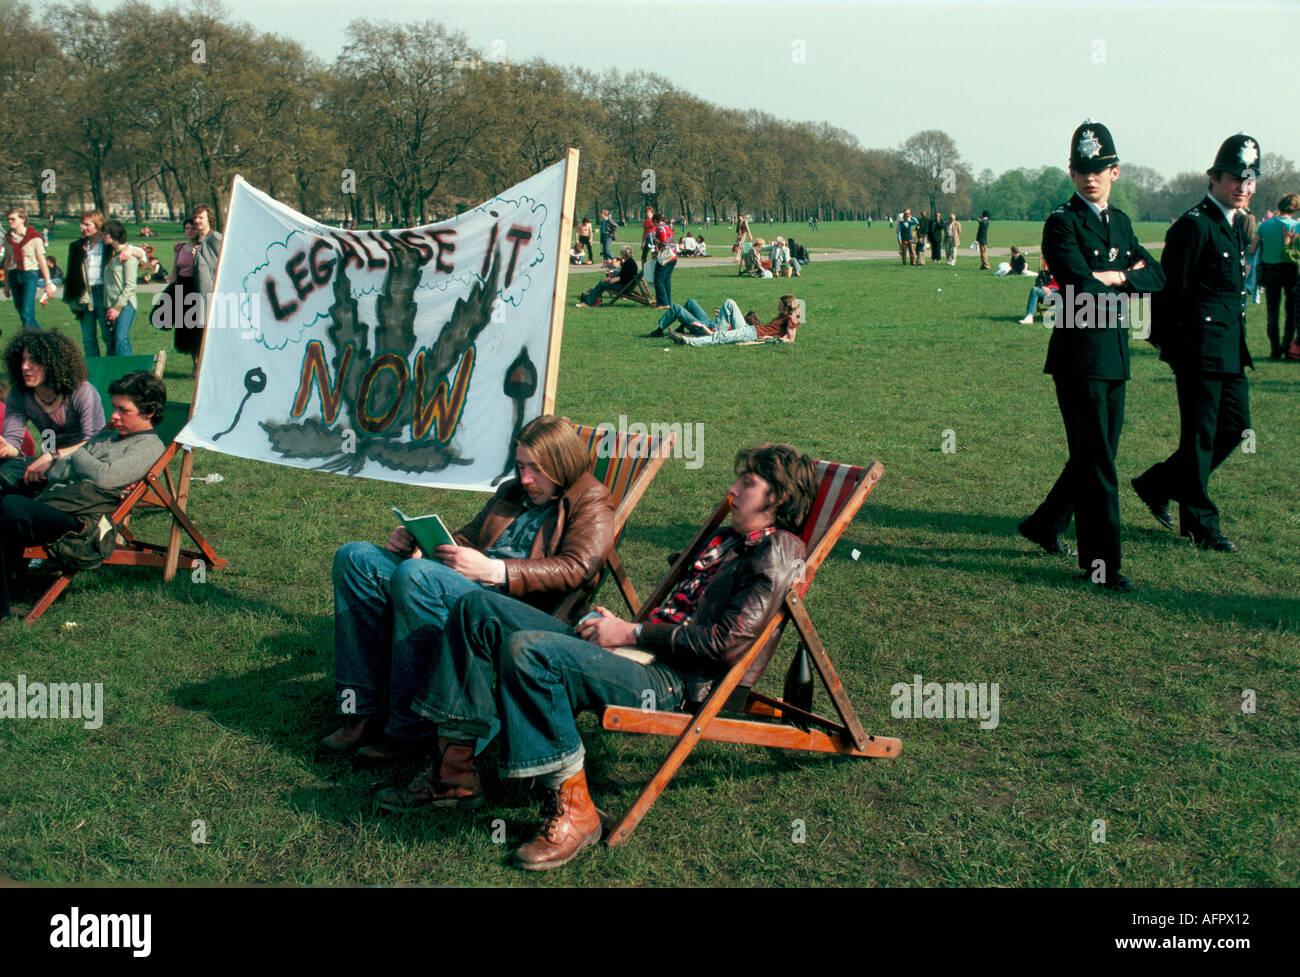 La policía y los manifestantes con gran pancarta pronunciar legalizar ahora en legalizar POT DEMO HYDE PARK 1979 Homero SYKES Imagen De Stock